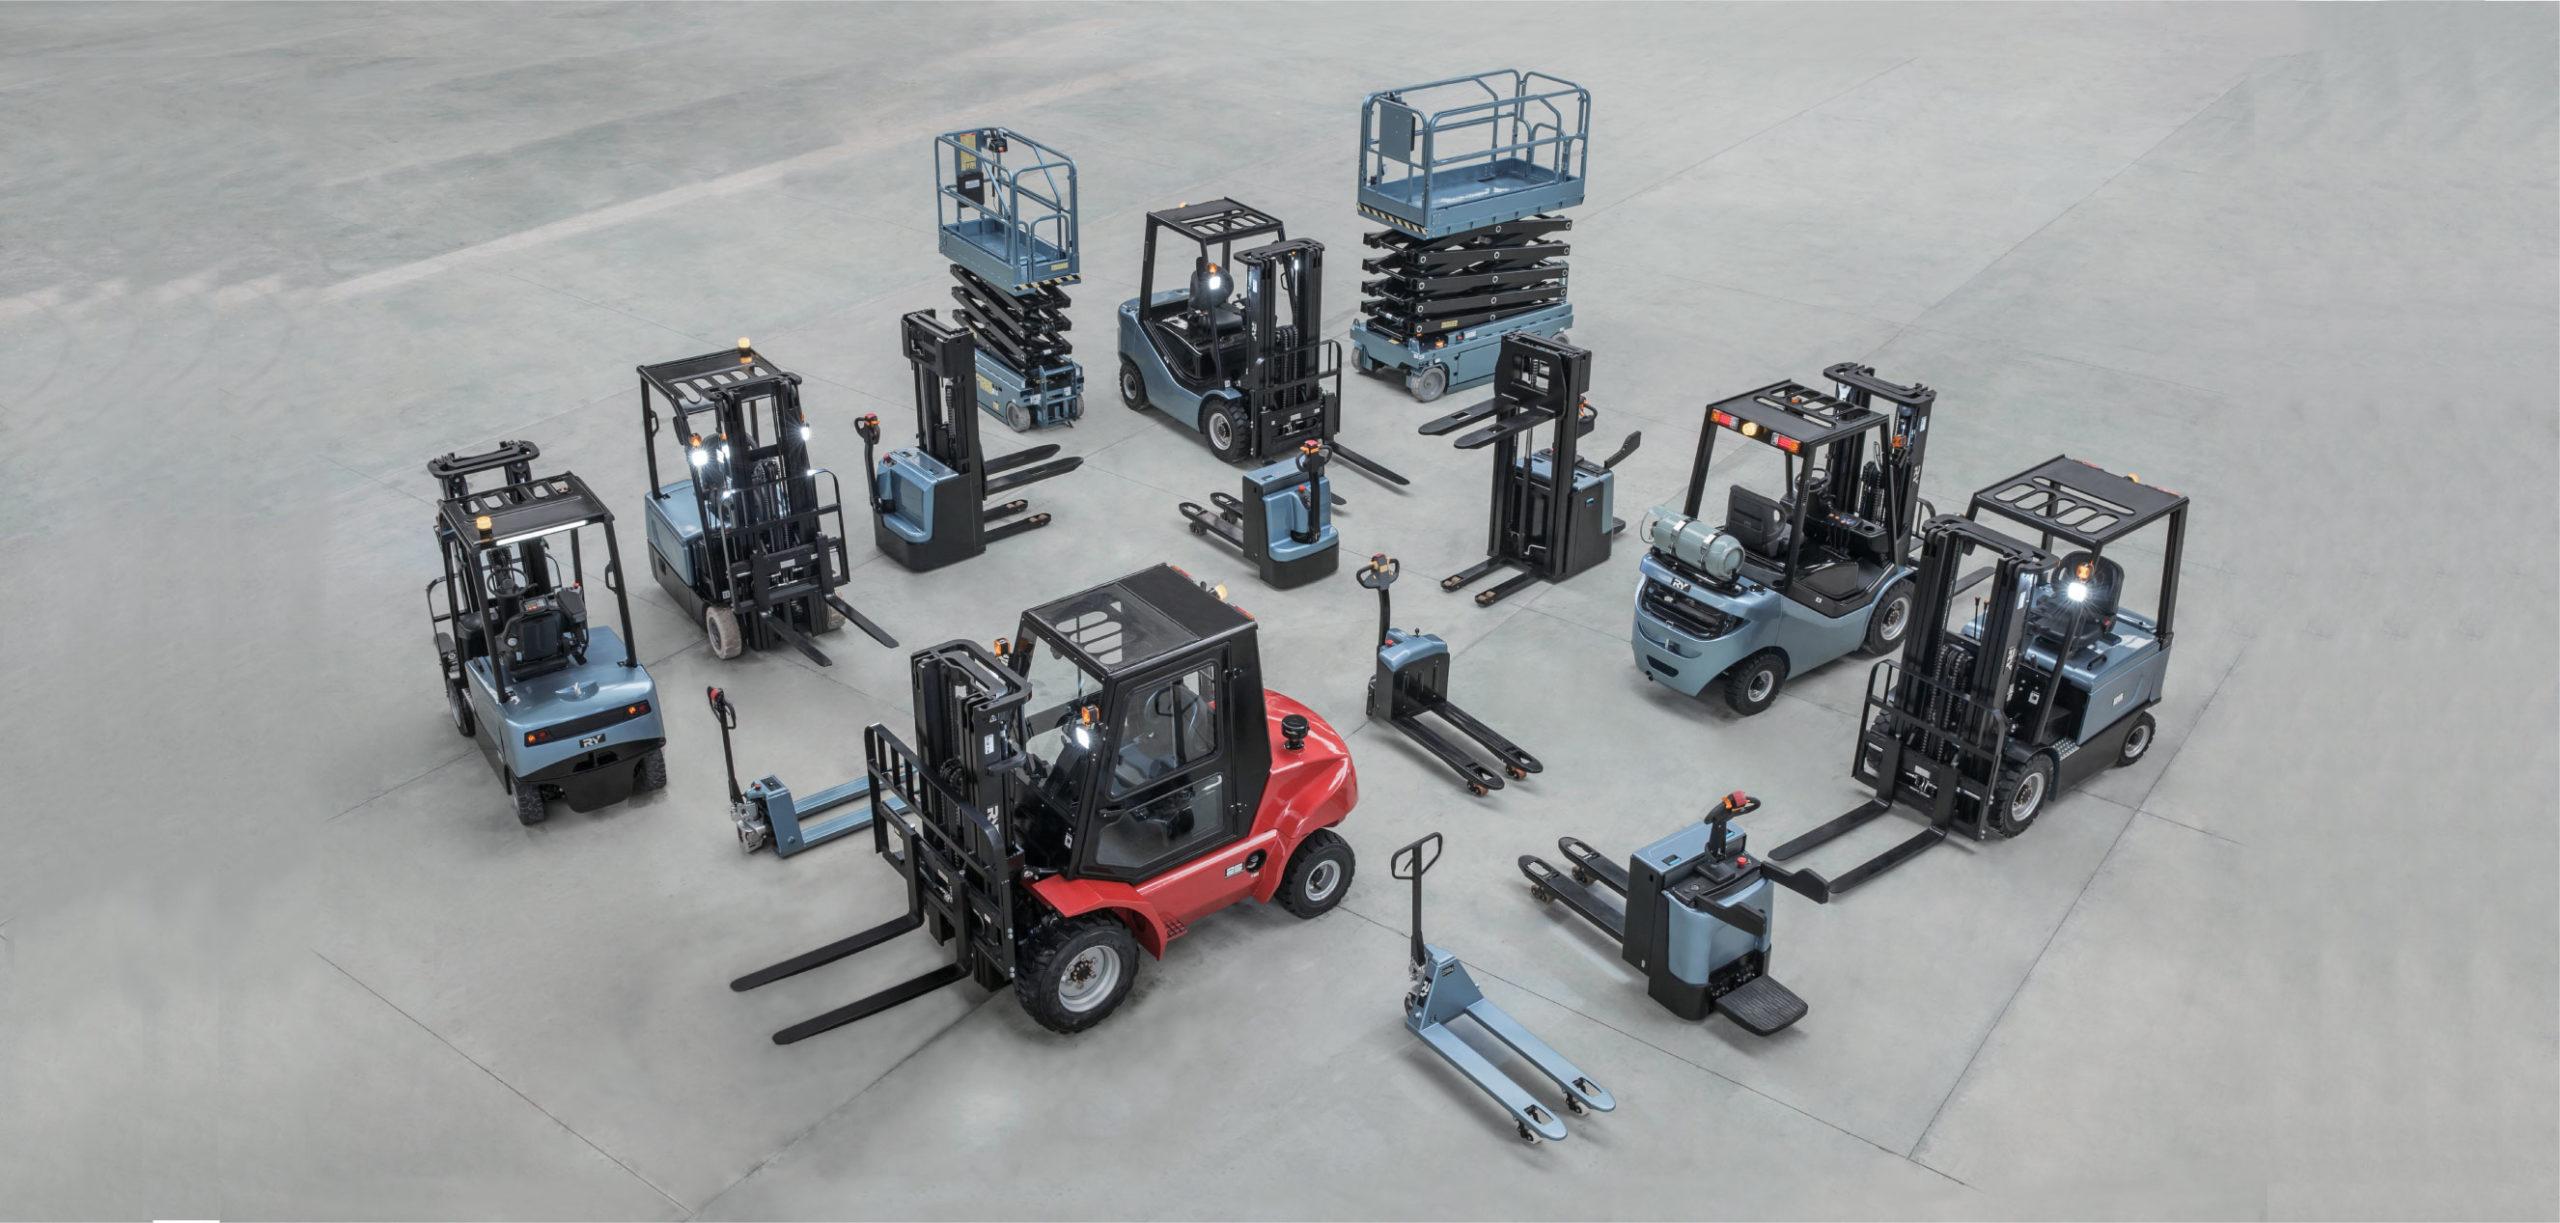 Truck Tek skal nå nye høyder med trucksatsing